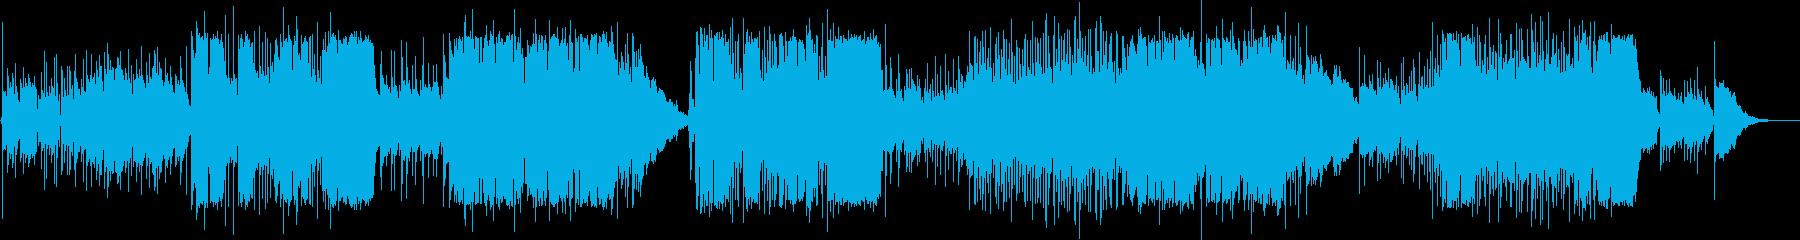 英語洋楽:心が晴れる爽やか可愛いポップスの再生済みの波形